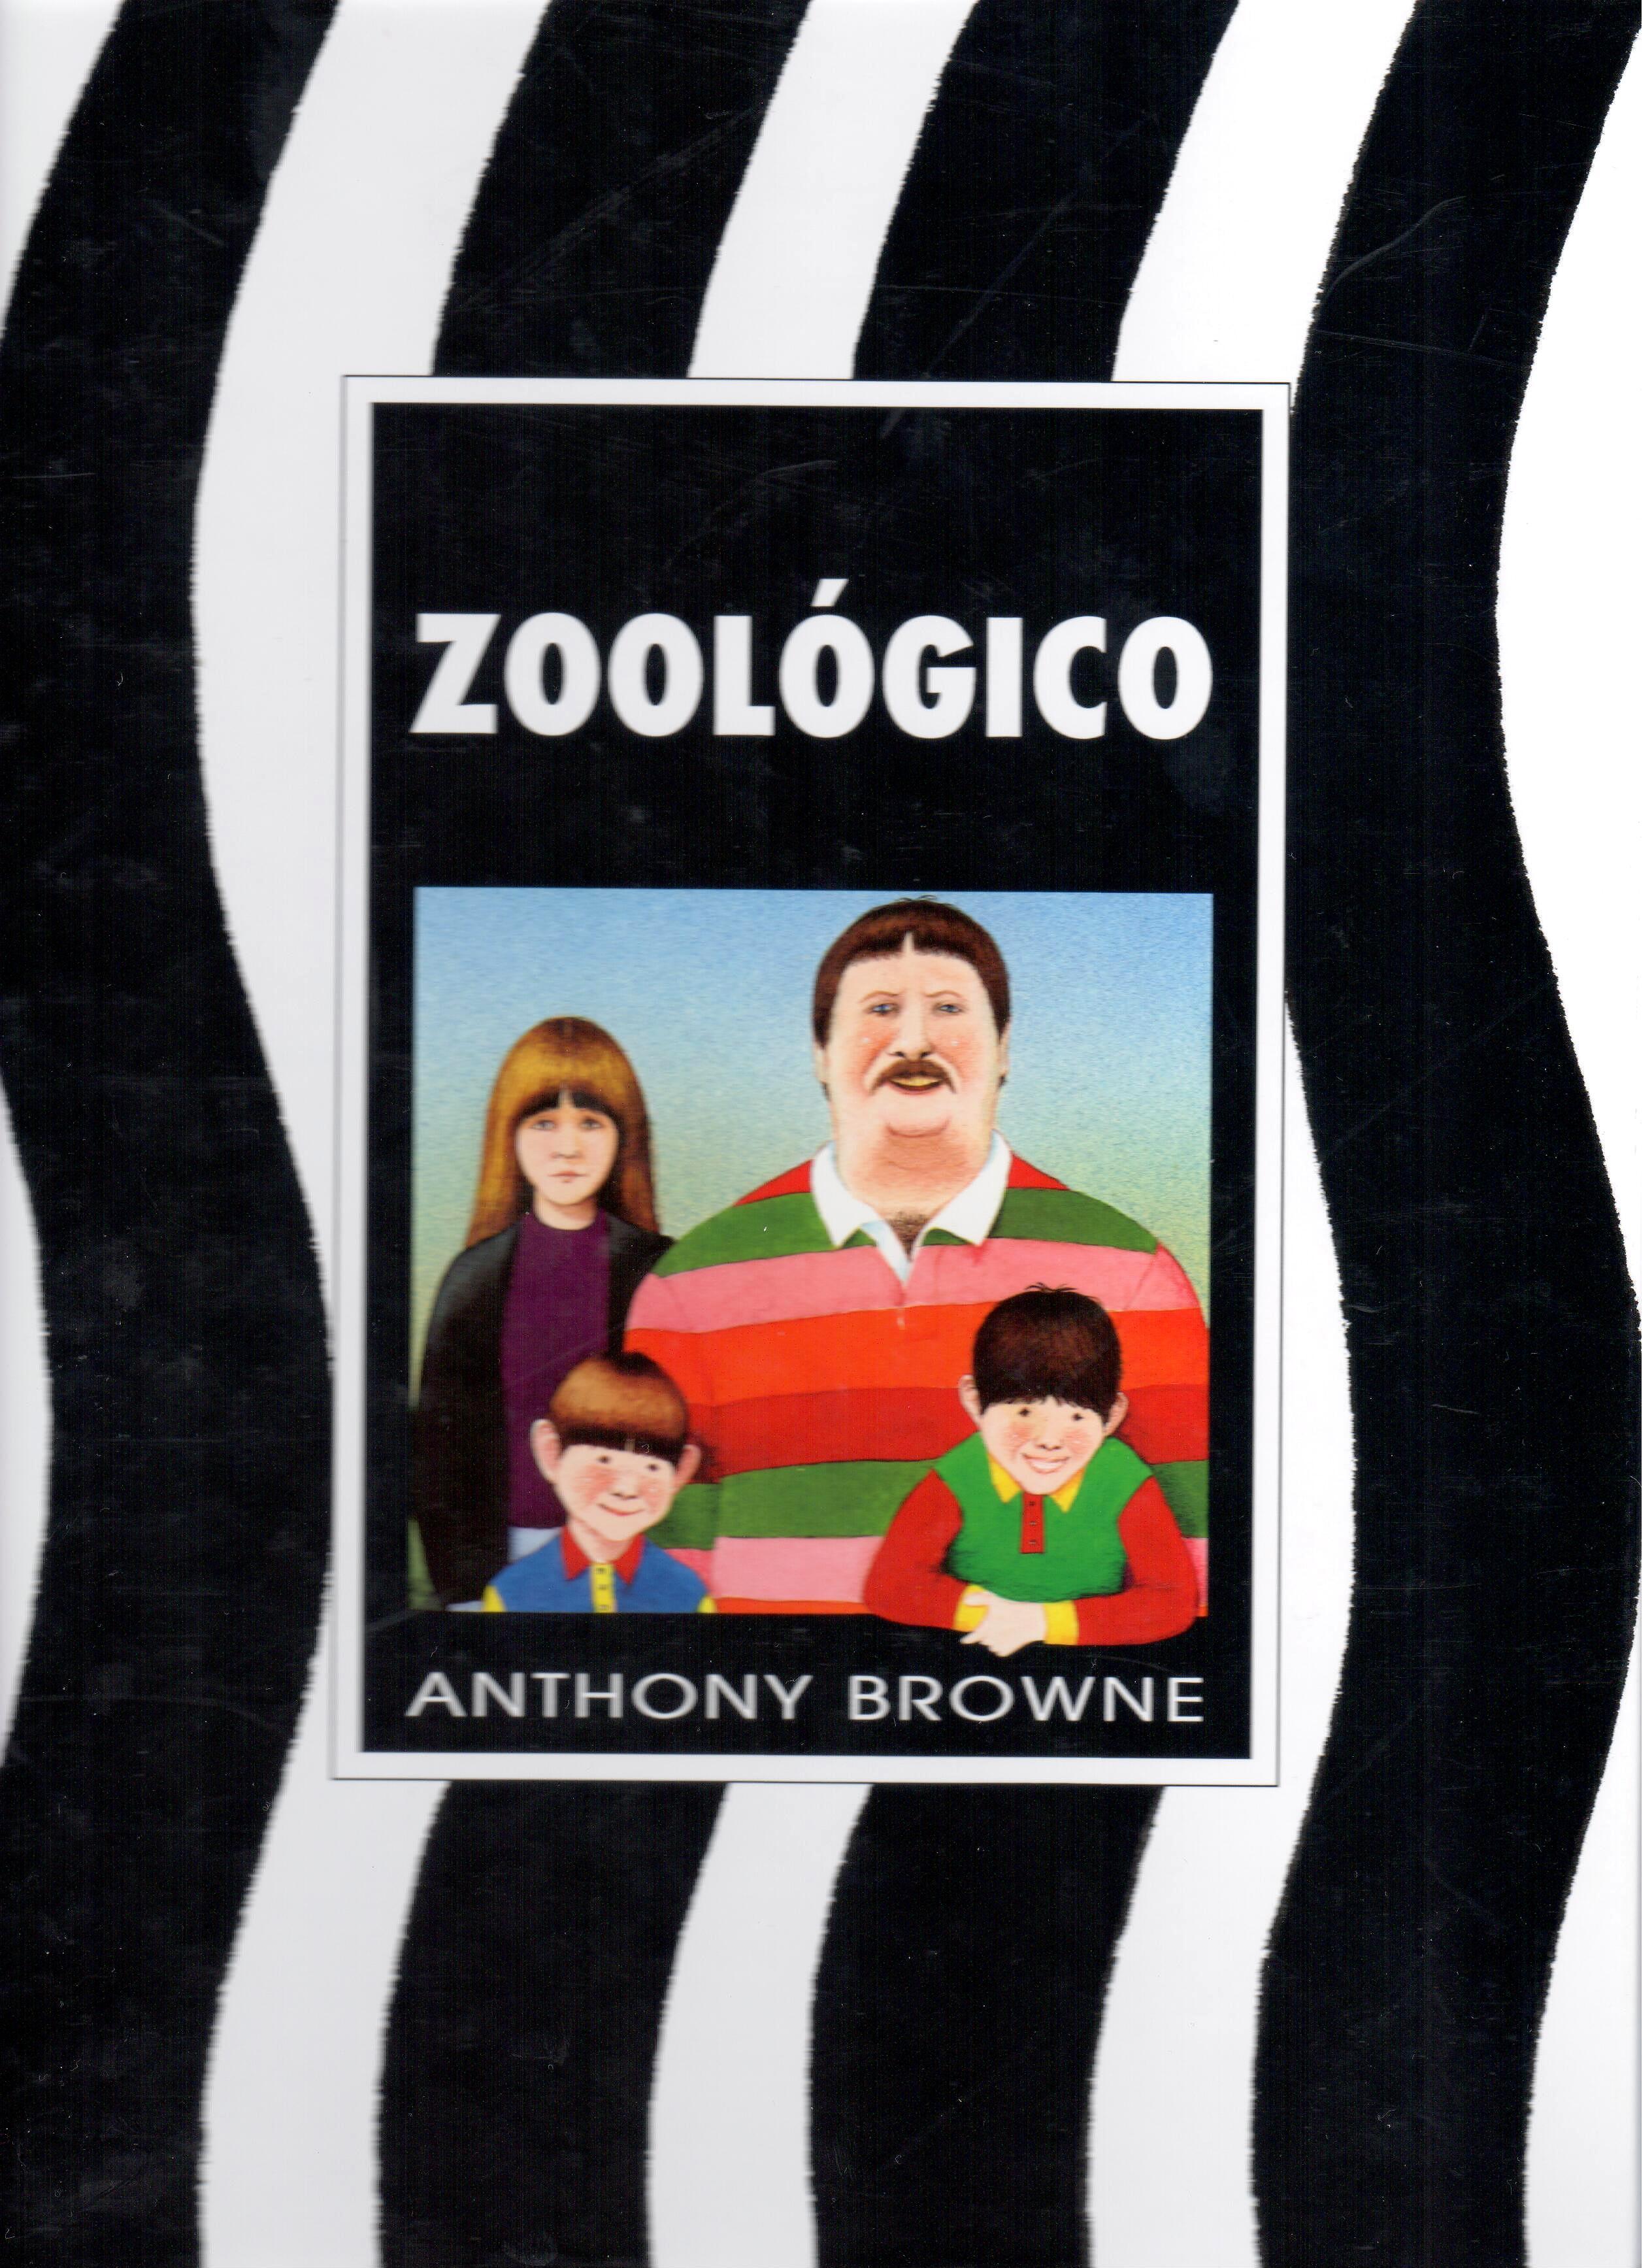 zoologico anthony browne